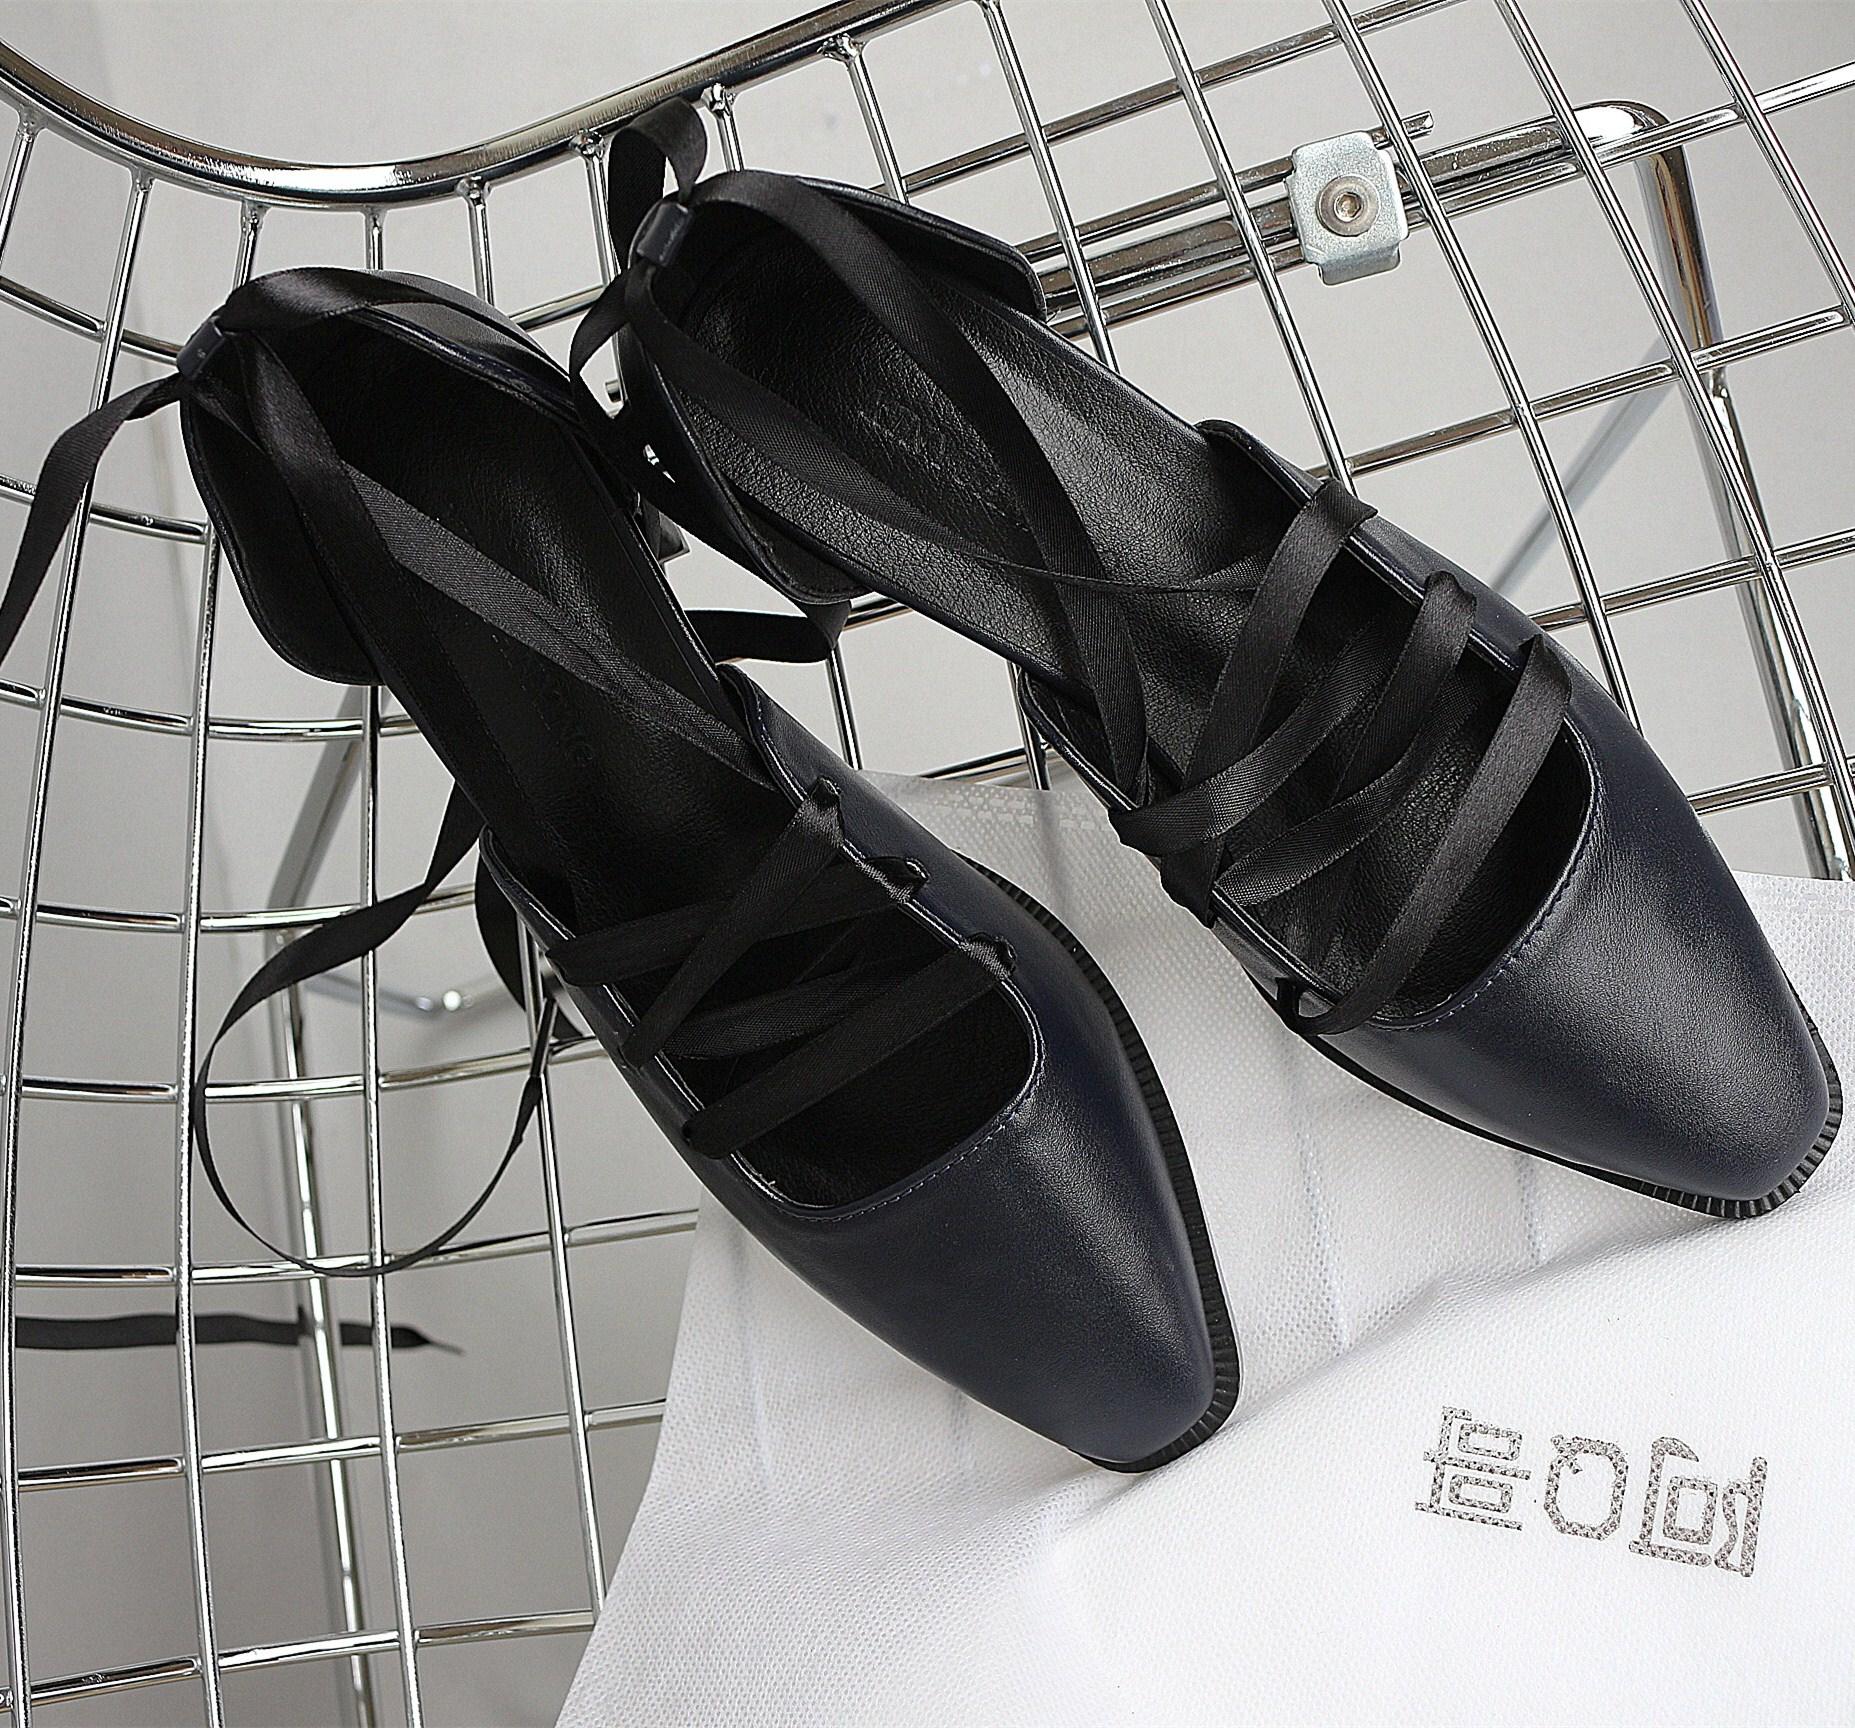 热销41件限时秒杀阿q哥家很有个性的一款优雅女鞋